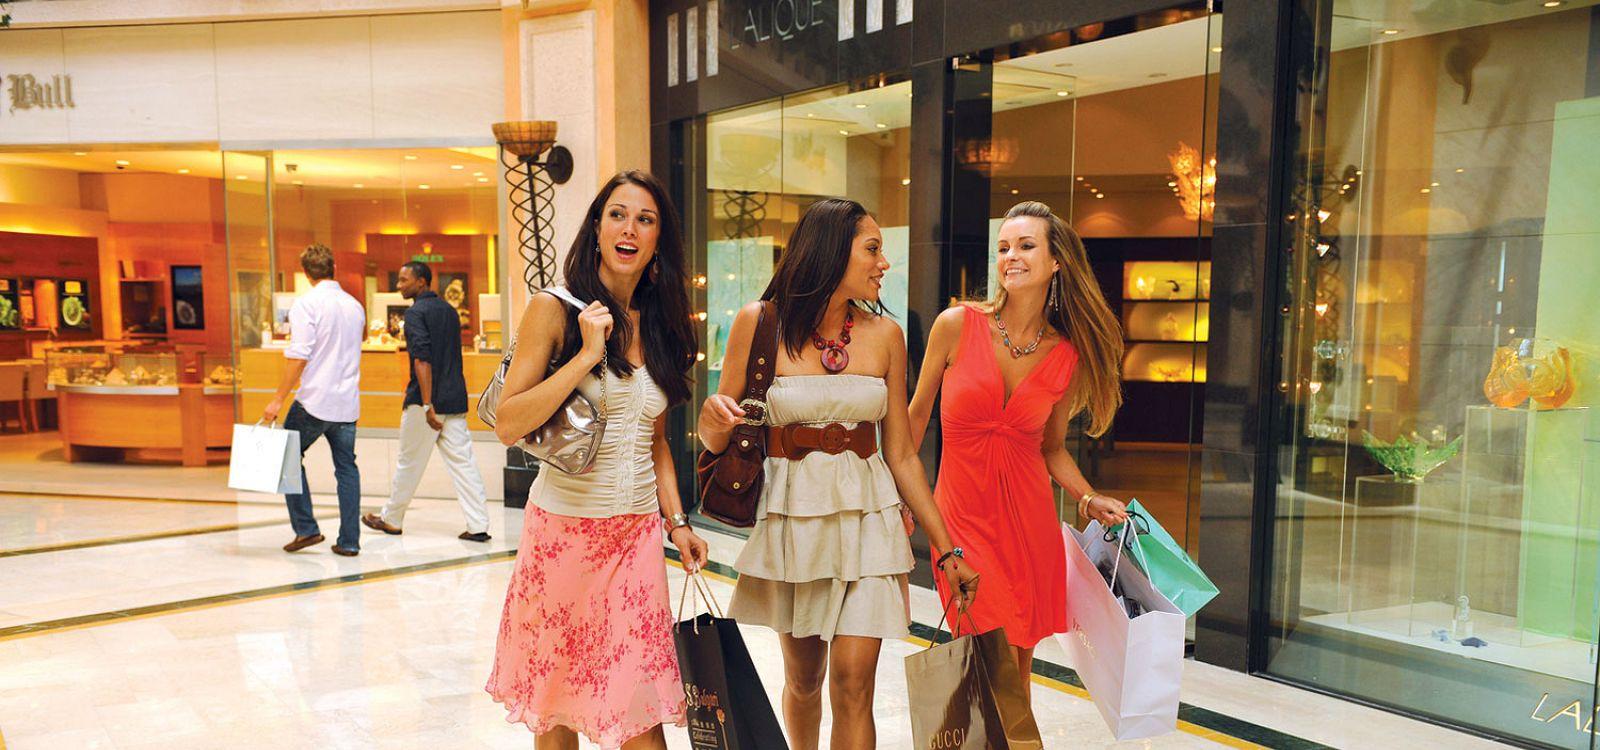 54c5802001 Luxury Shopping | Crystal Court Shops | Atlantis Paradise Island